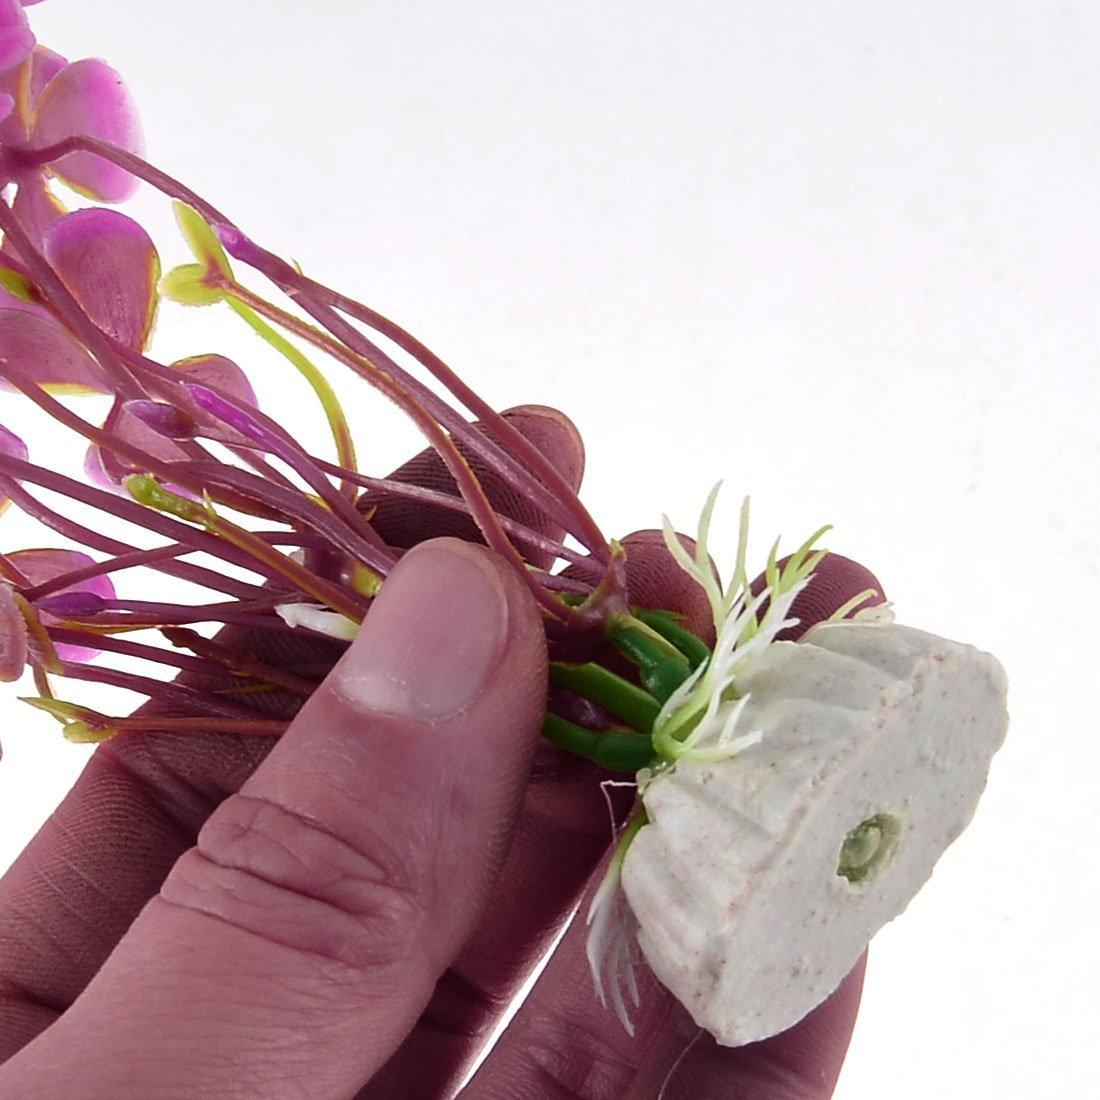 Amazon.com : eDealMax Plantas acuario de plástico Adorno de simulación de la hierba acuática 11cm Alto : Pet Supplies